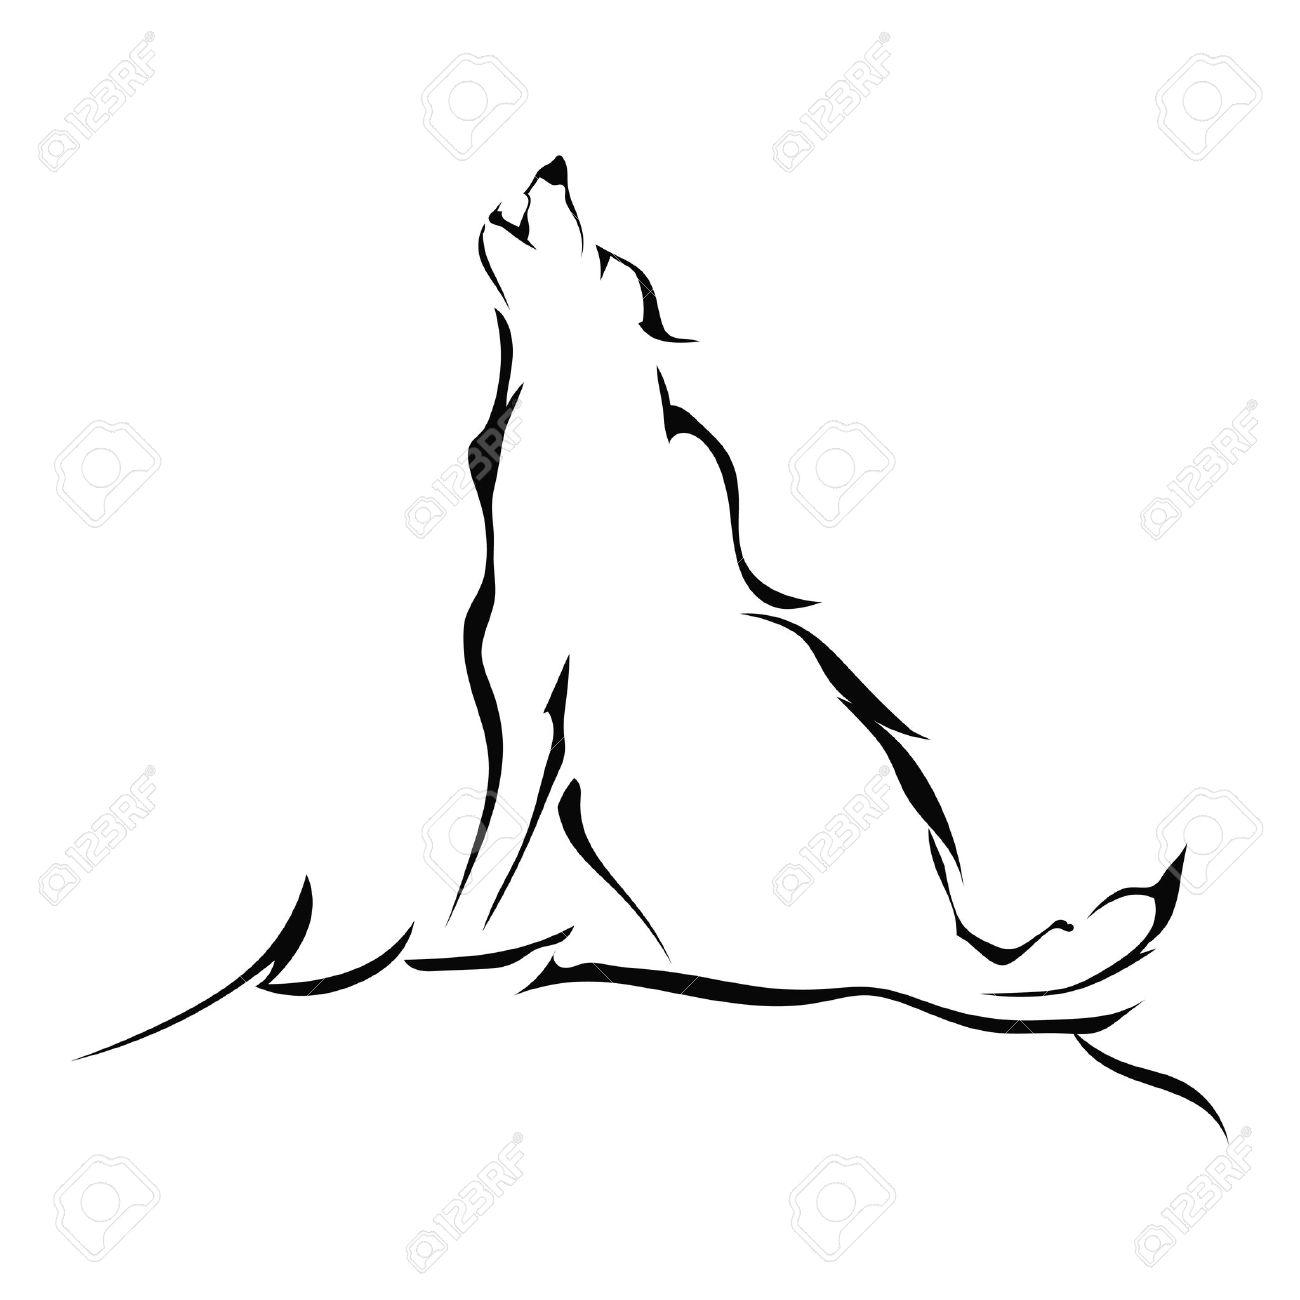 Silueta De Un Lobo Aullando Aislados Sobre Fondo Blanco Ilustración